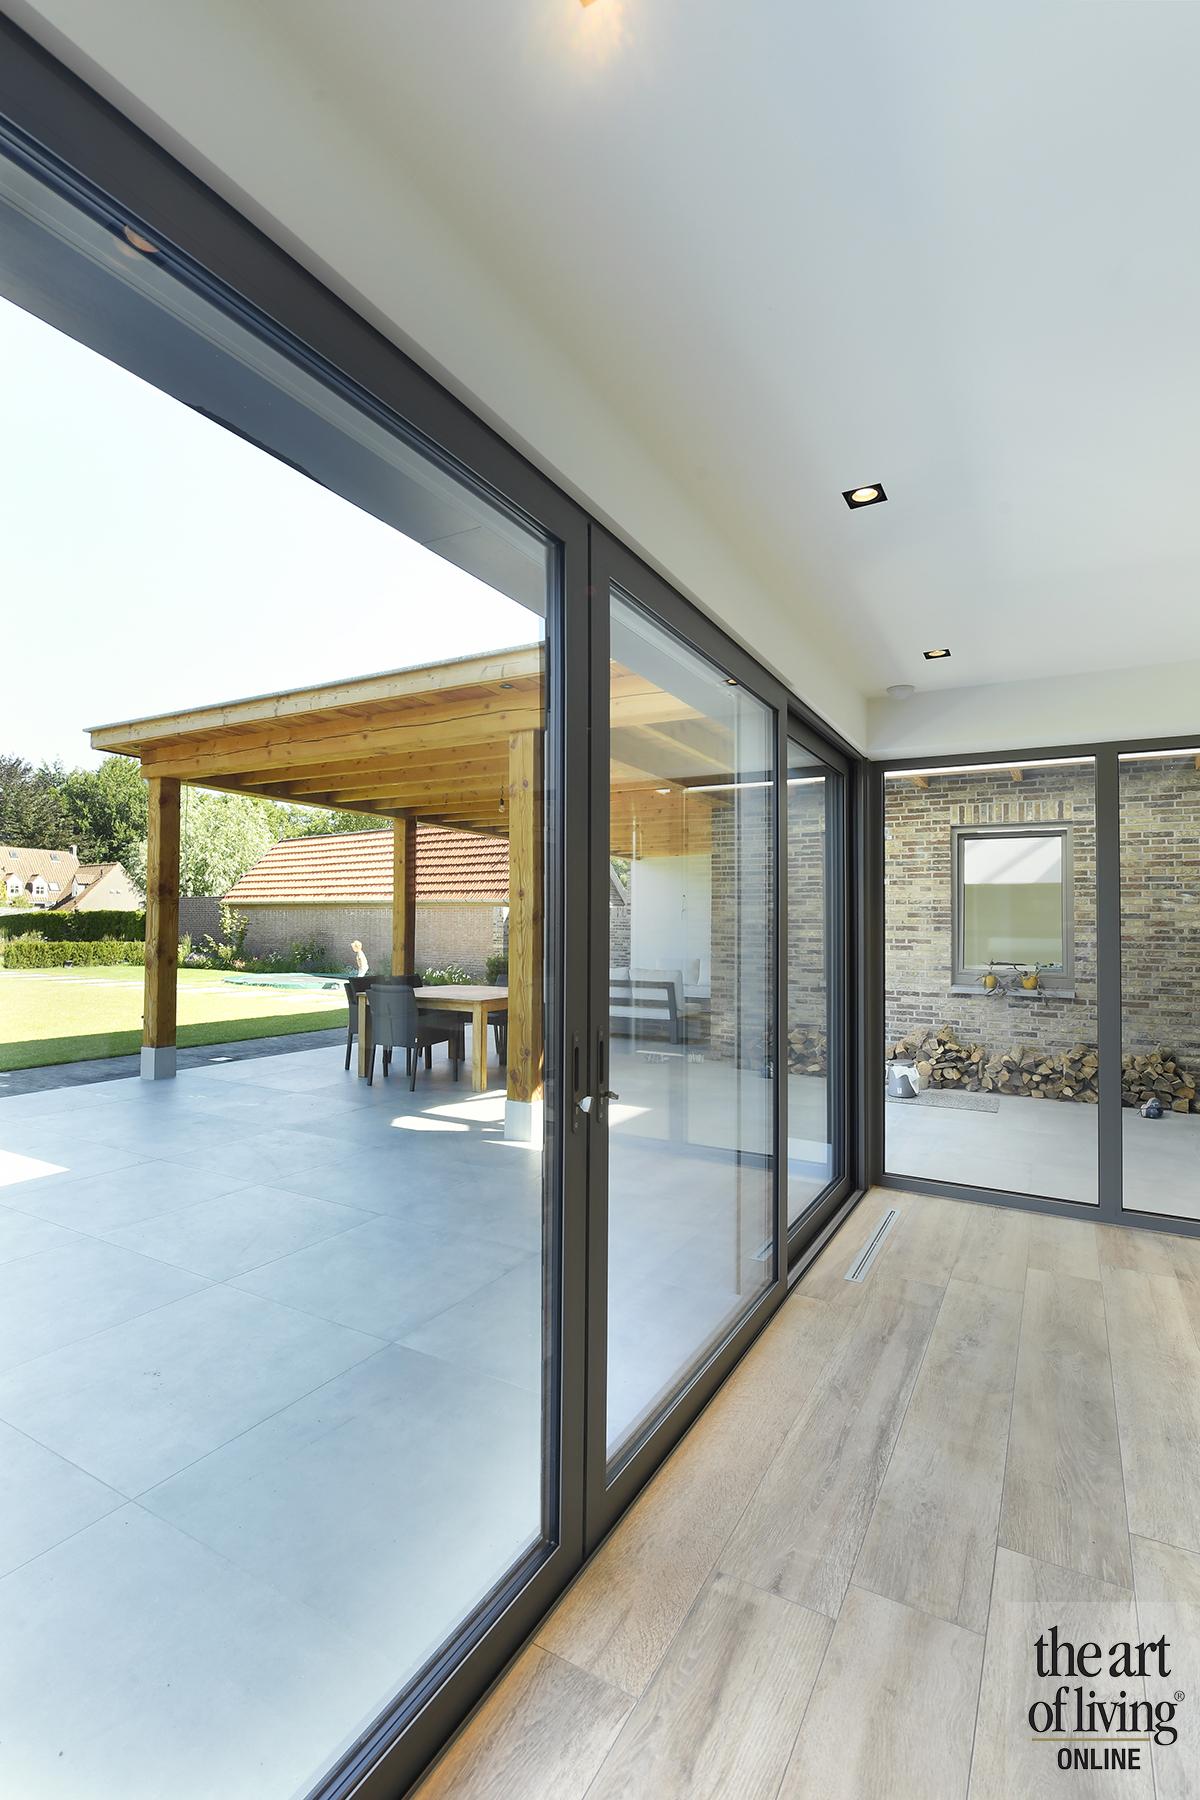 Duurzame villa, Keeris Architecten, the art of living